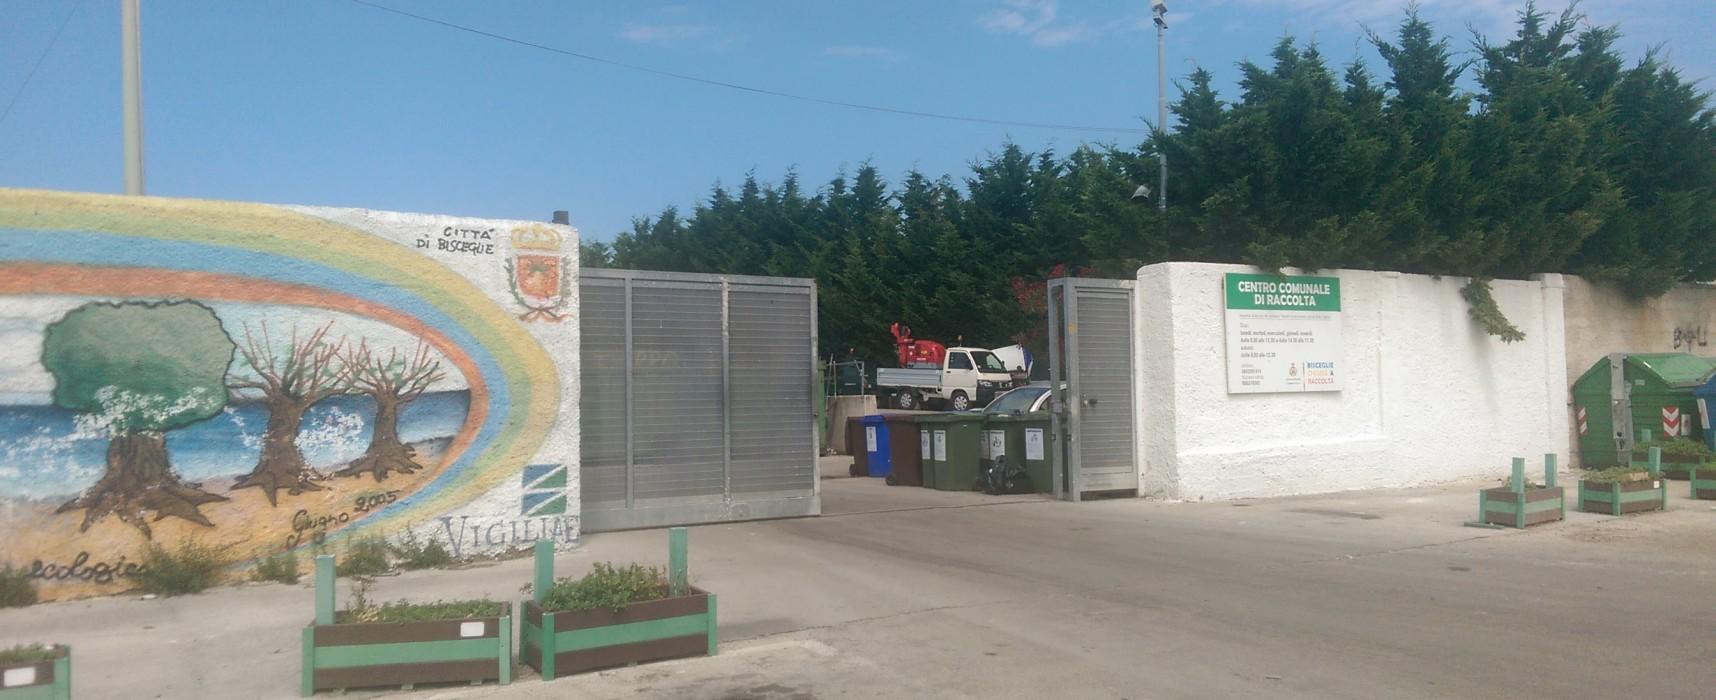 """Energetikambiente: """"Chiusi temporaneamente i due centri comunali di raccolta rifiuti"""""""